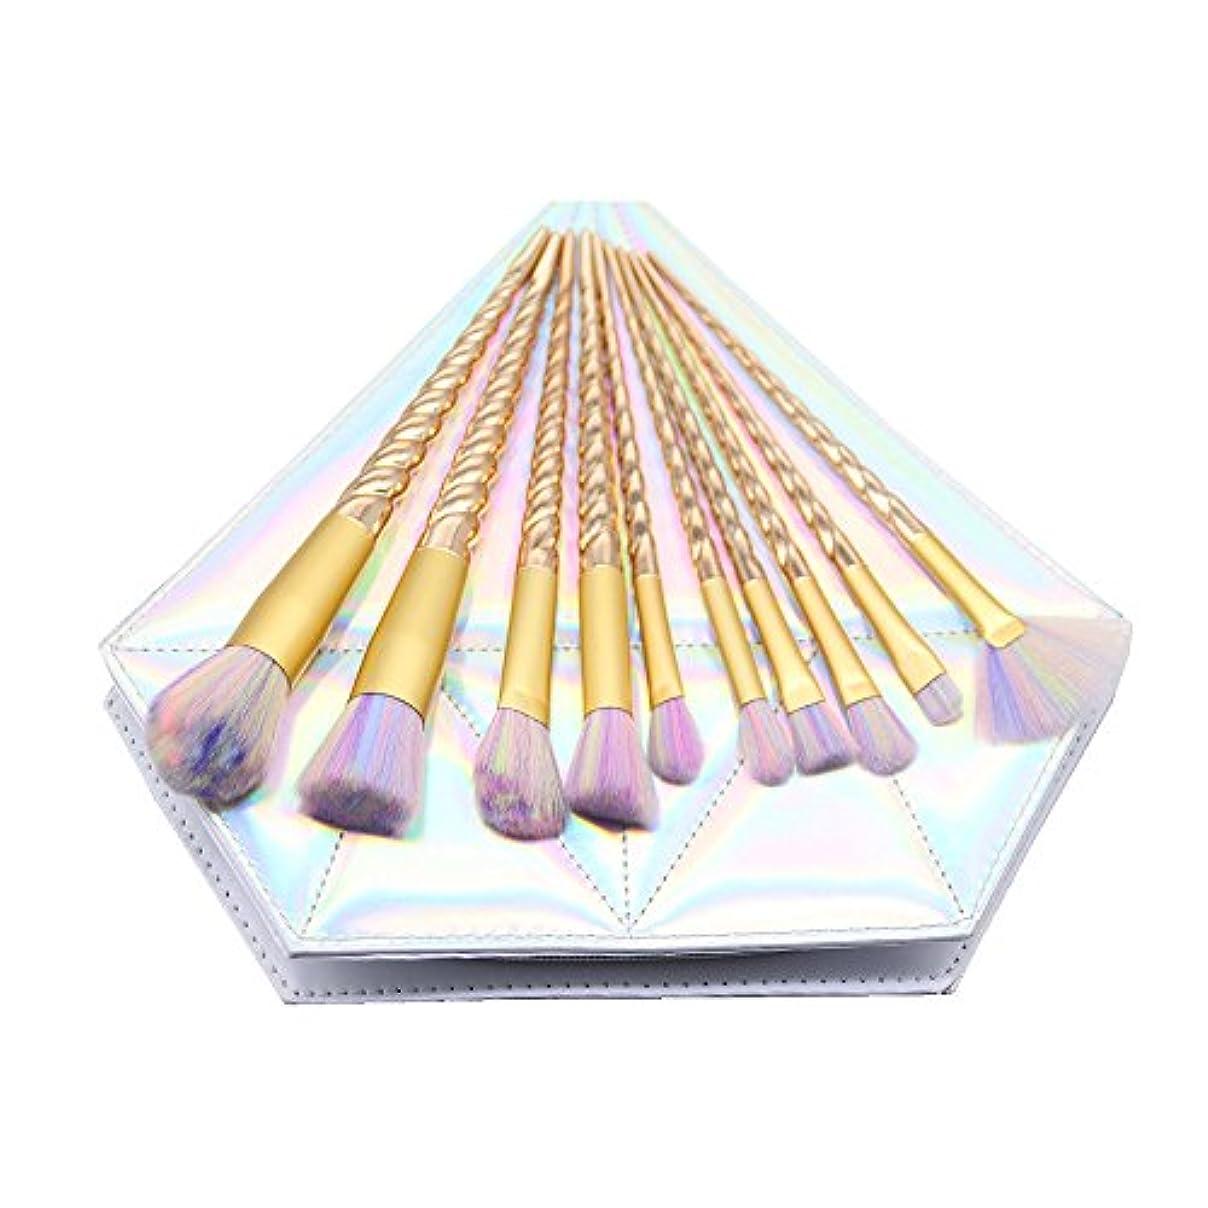 無法者瞑想する意味Dilla Beauty メイクブラシセット 10本セット ユニコーンデザイン プラスチックハンドル 合成毛 ファンデーションブラシ アイシャドーブラッシャー 美容ツール 化粧品のバッグ付き